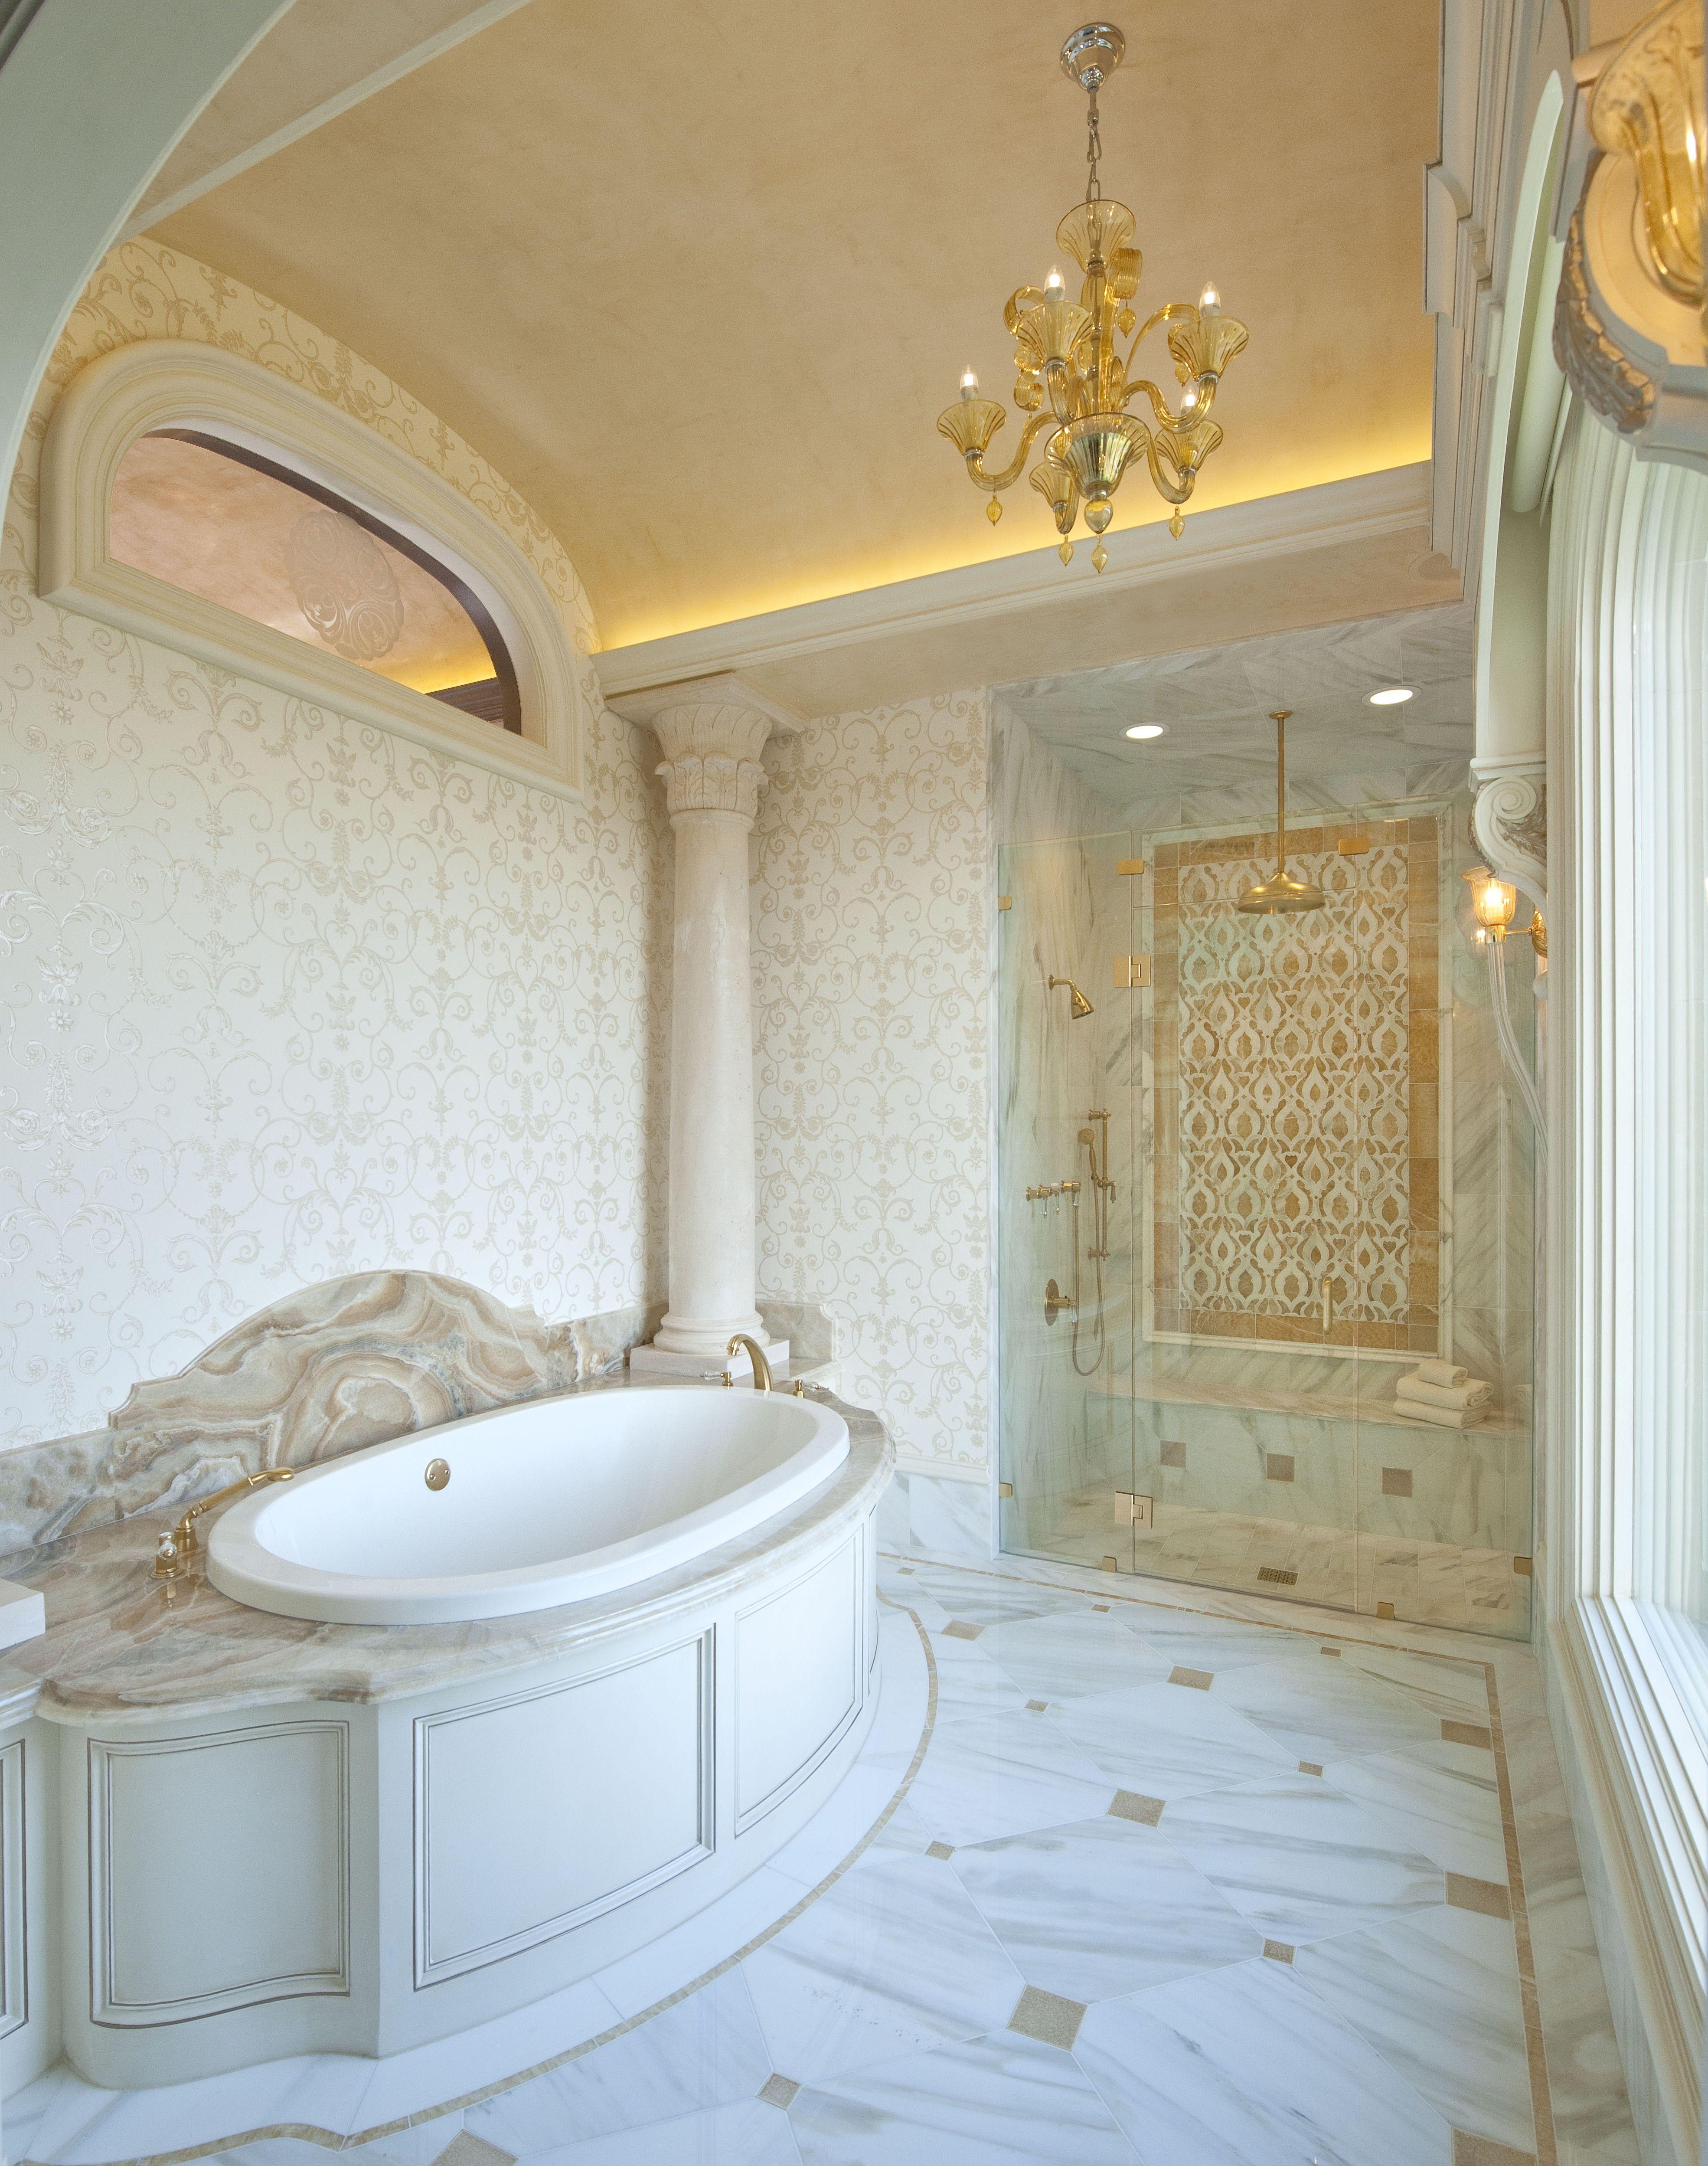 Elegantes badezimmerdesign  retro stil badezimmer design ideen  badezimmer  pinterest